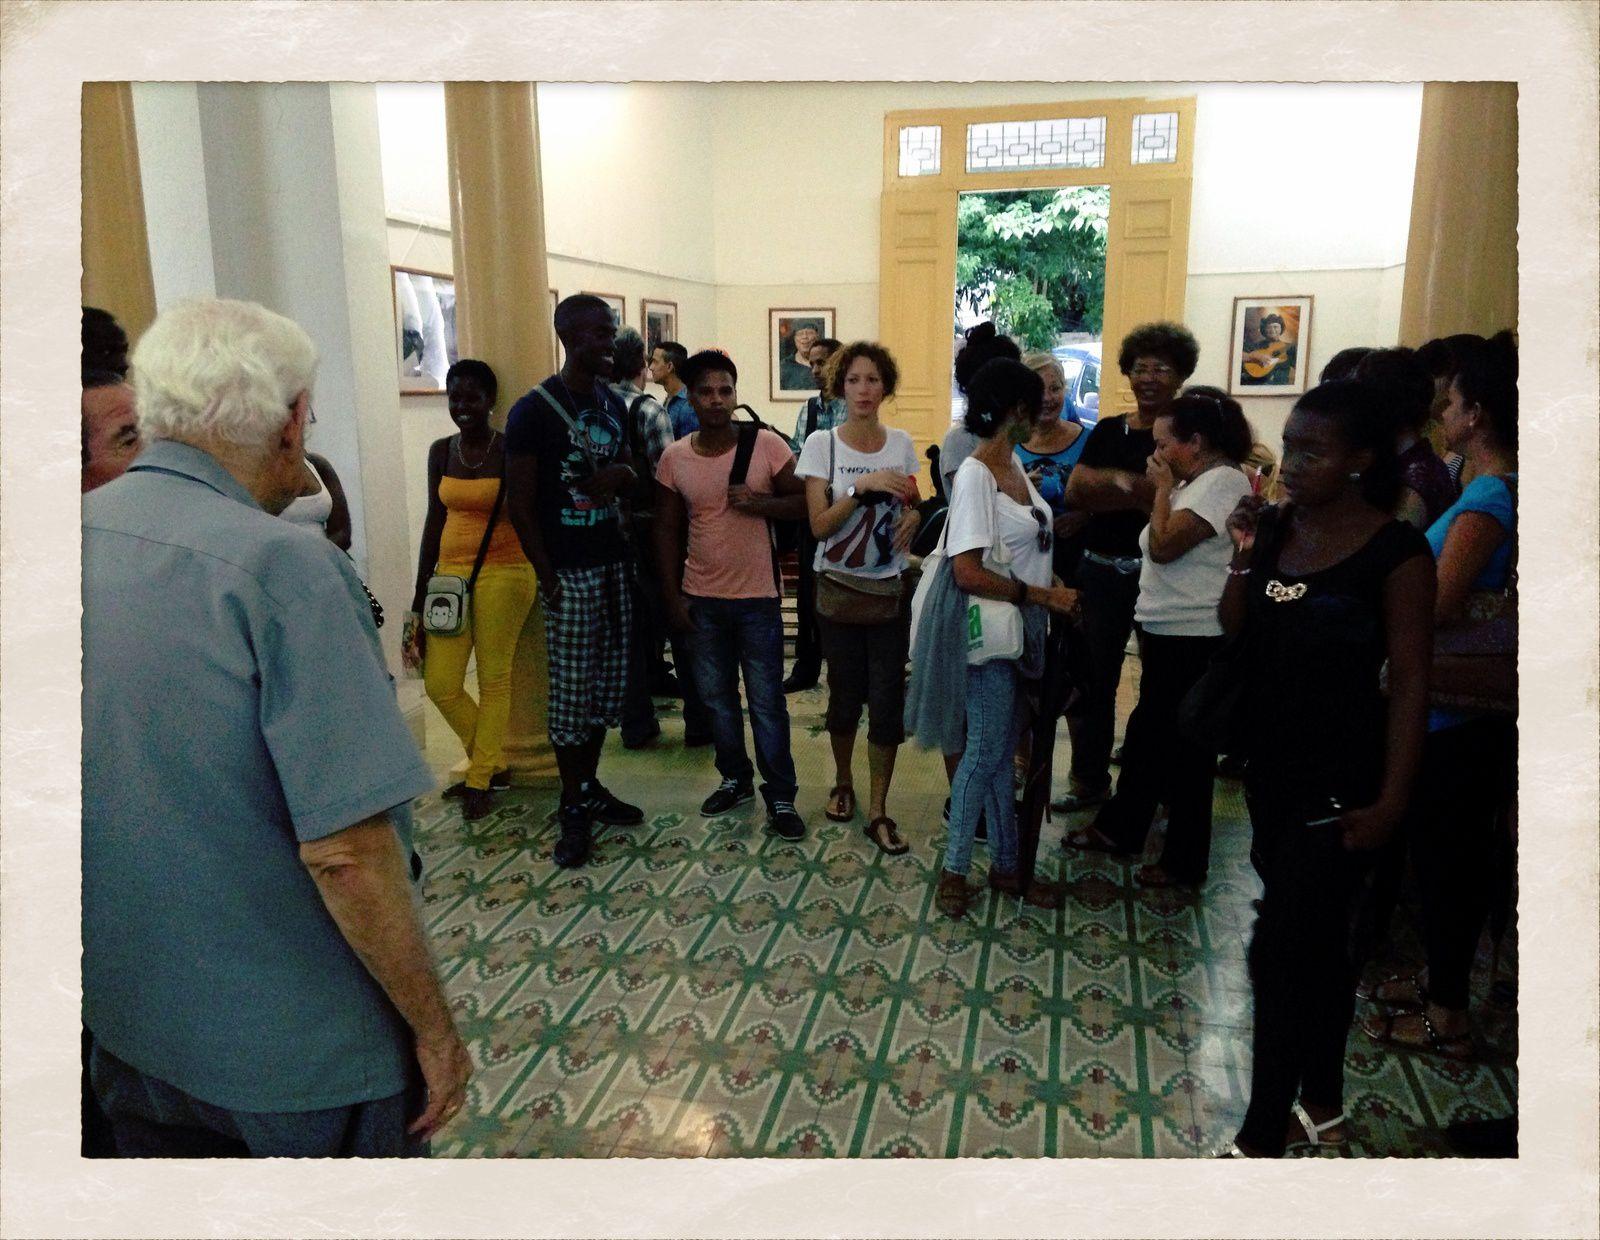 """Exhibición fotográfica """"instantes musicales para encontrarnos"""" Zona Caribe, después de Puerto Rico, Santiago de Cuba, sed de la Alianza francesa, 22 de noviembre día del músico."""